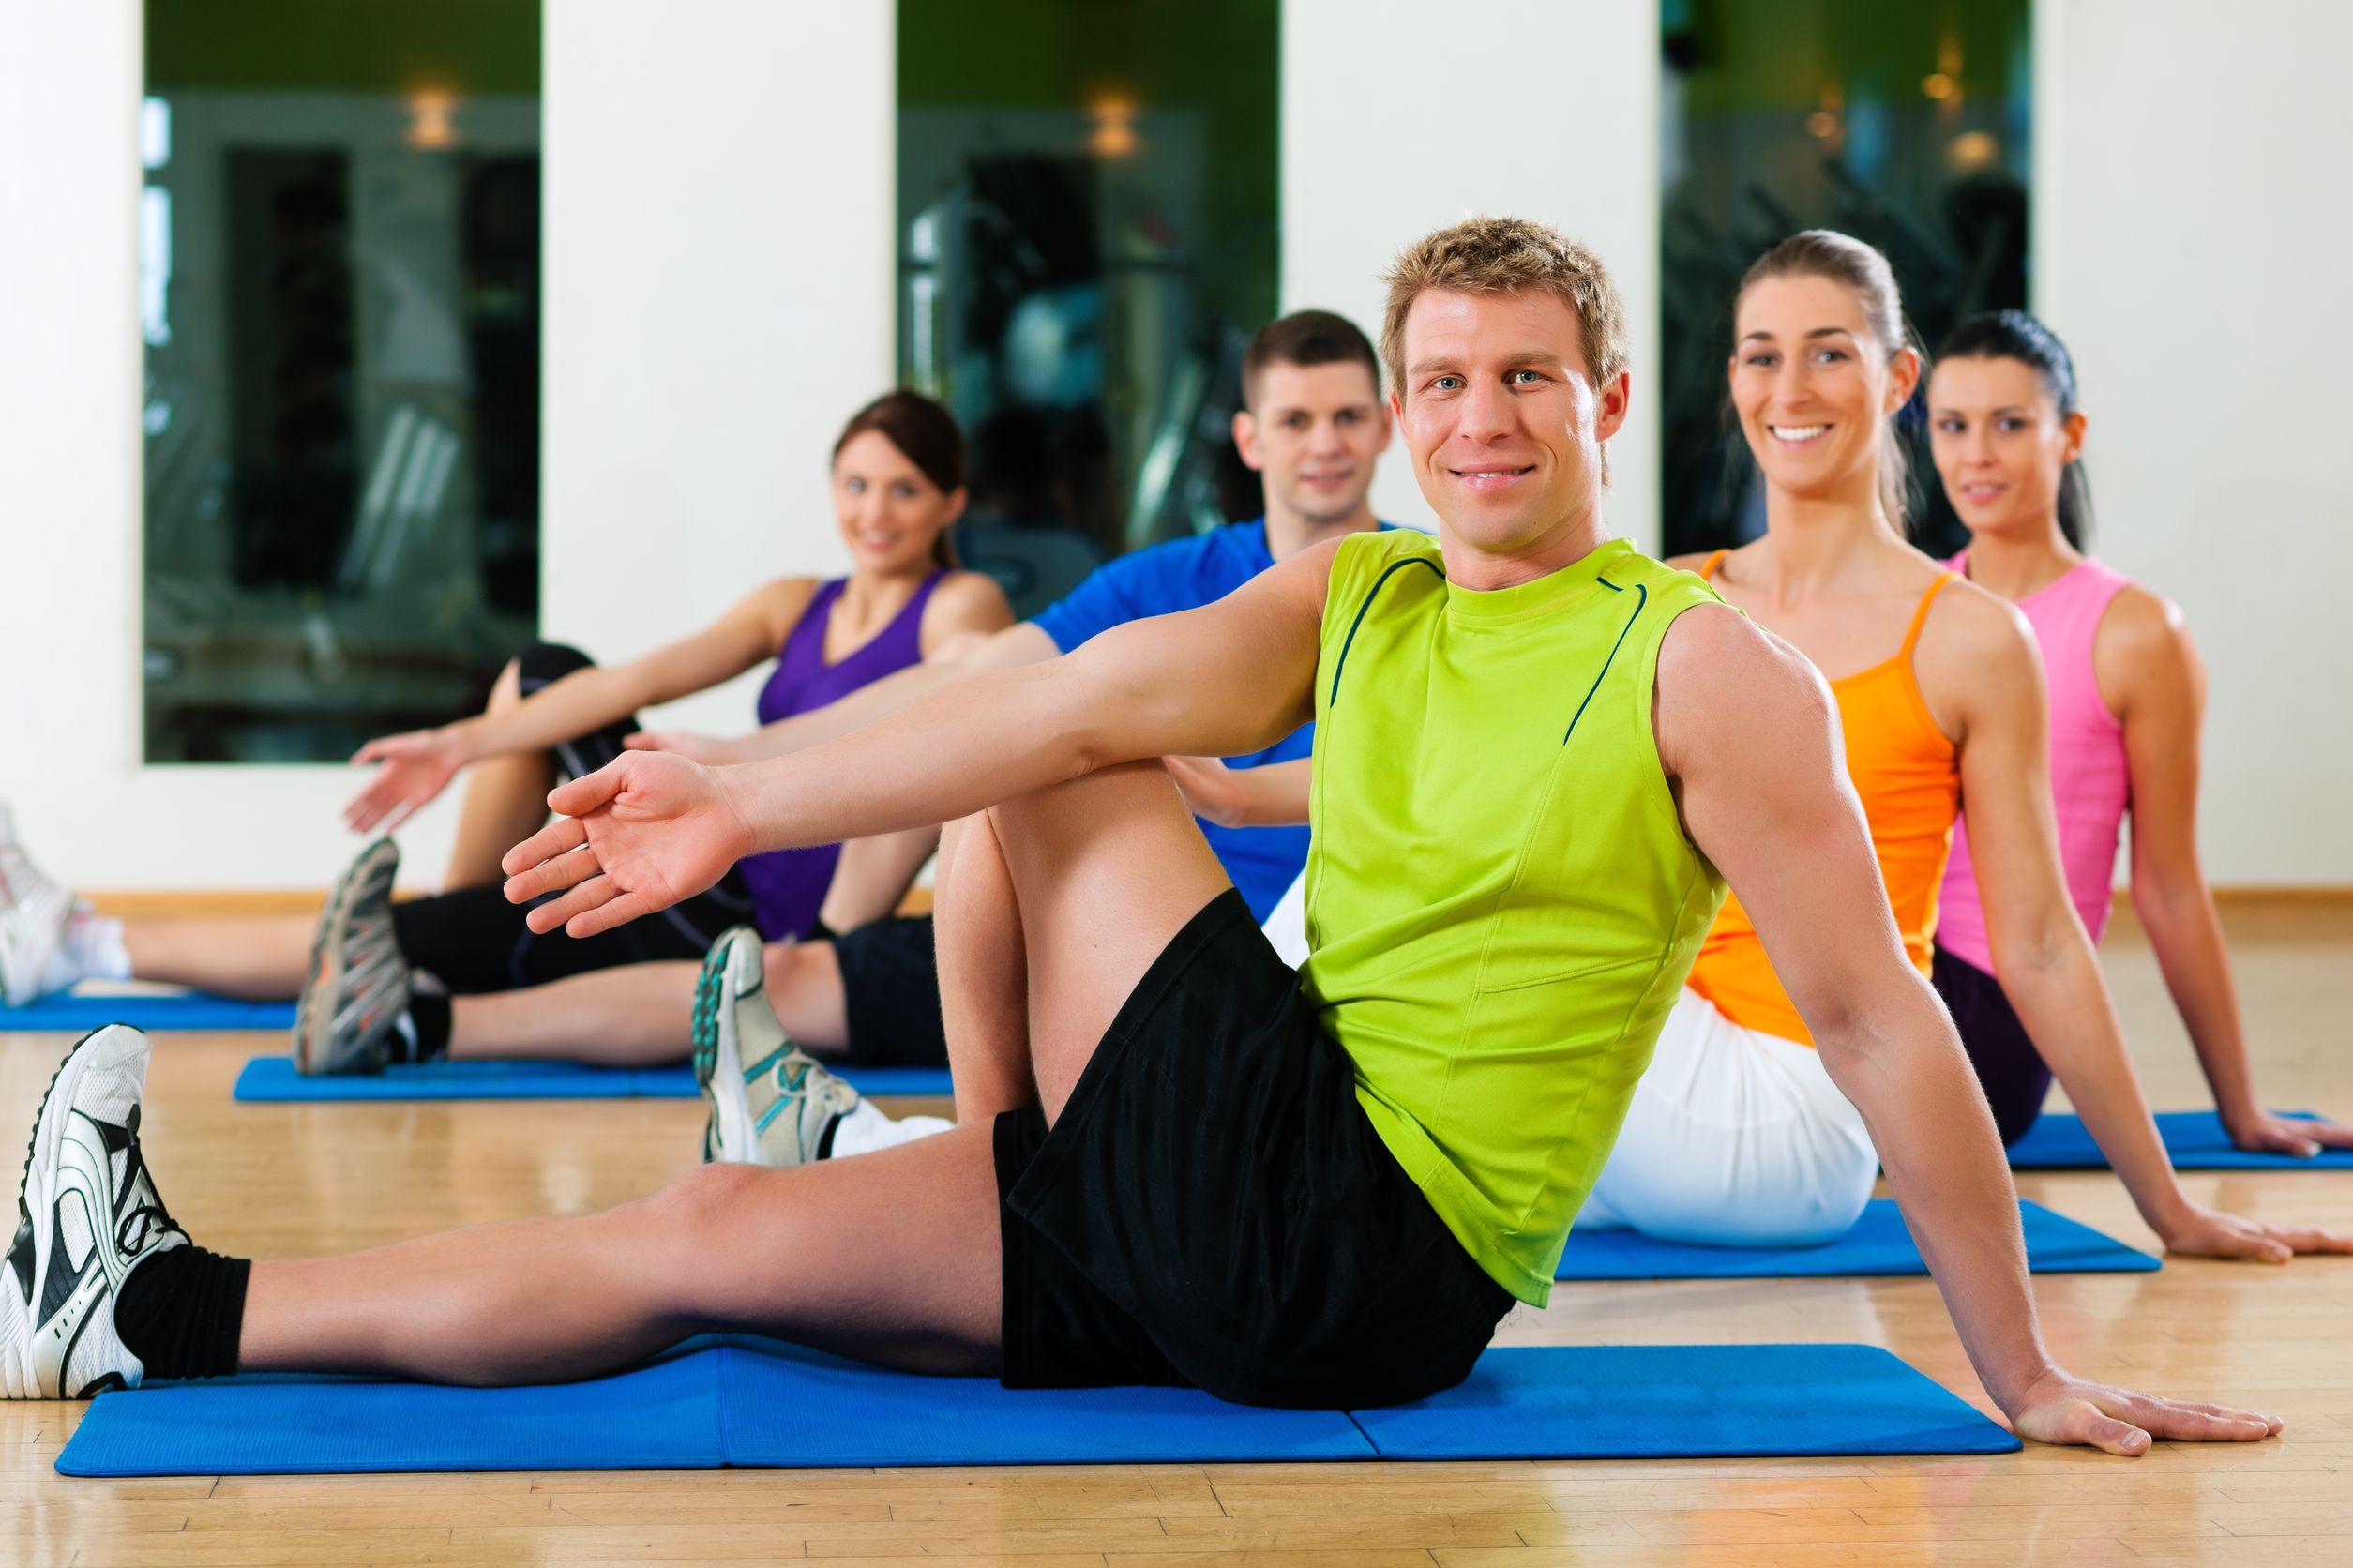 व्यायाम करते वक्त नाक से सांस लेना होता है फायदेमंद